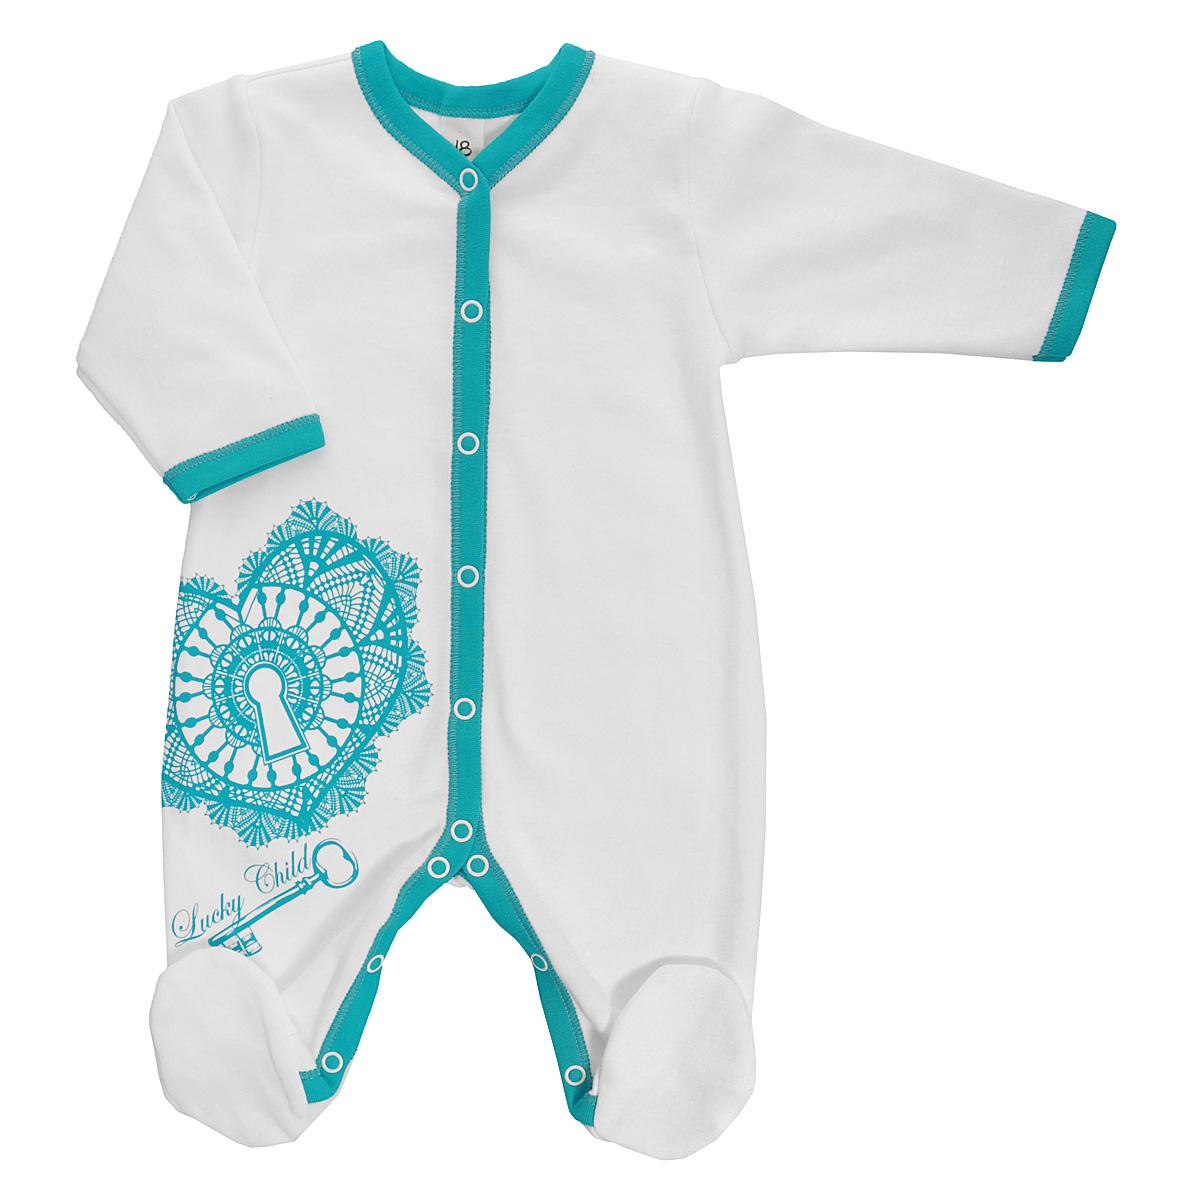 Комбинезон домашний14-1Детский комбинезон Lucky Child - очень удобный и практичный вид одежды для малышей. Комбинезон выполнен из натурального хлопка, благодаря чему он необычайно мягкий и приятный на ощупь, не раздражает нежную кожу ребенка и хорошо вентилируется, а эластичные швы приятны телу малыша и не препятствуют его движениям. Комбинезон с длинными рукавами и закрытыми ножками имеет застежки-кнопки от горловины до щиколоток, которые помогают легко переодеть младенца или сменить подгузник. Оформлена модель оригинальны принтом с изображением необычного сердечка и ключа от него, а также принтовой надписью с названием бренда. С детским комбинезоном Lucky Child спинка и ножки вашего малыша всегда будут в тепле, он идеален для использования днем и незаменим ночью. Комбинезон полностью соответствует особенностям жизни младенца в ранний период, не стесняя и не ограничивая его в движениях!